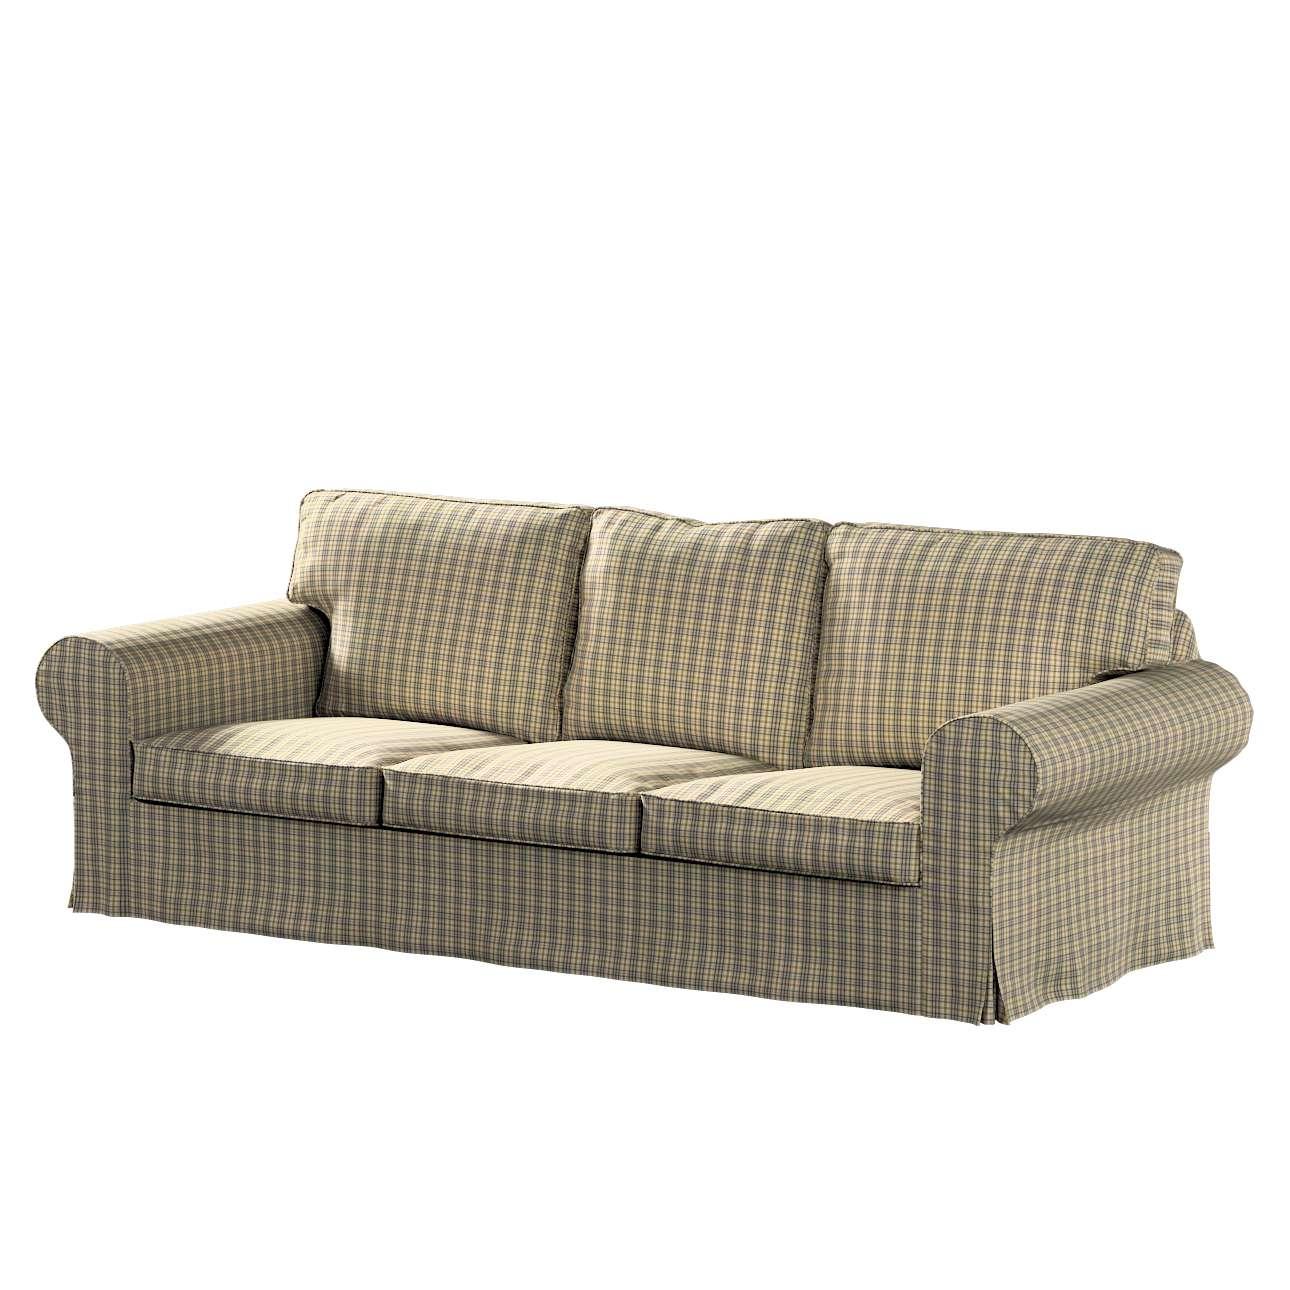 Pokrowiec na sofę Ektorp 3-osobową, rozkładaną w kolekcji Londres, tkanina: 143-39